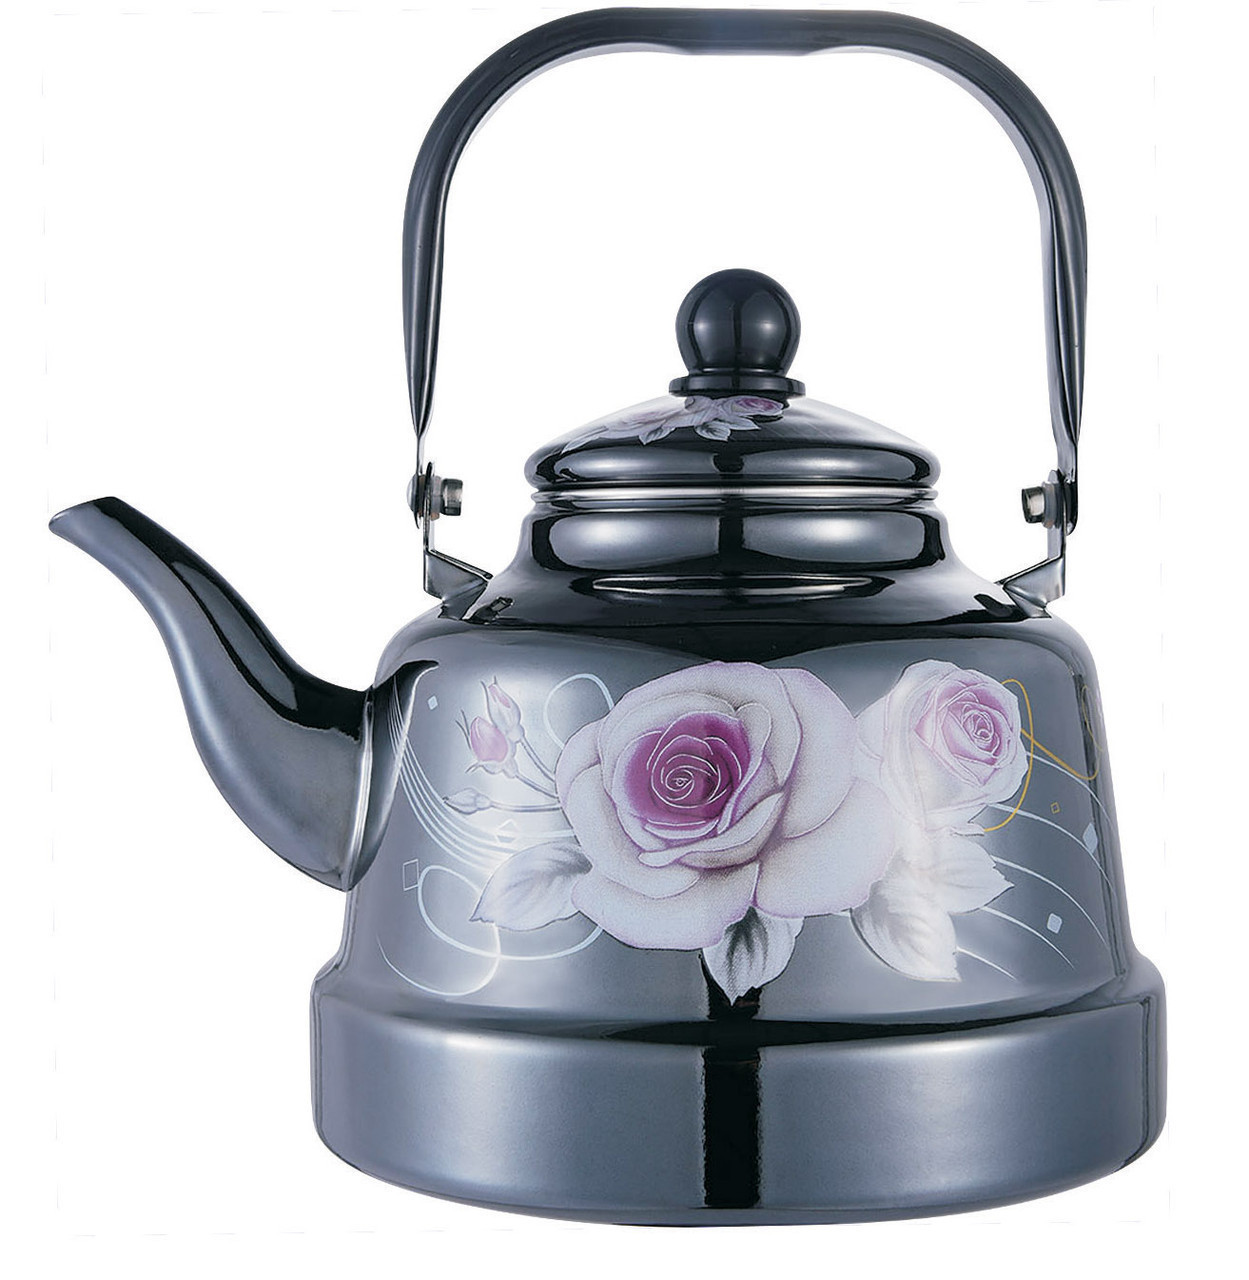 Эмалированный чайник с подвижной ручкой Benson BN-106 черный с рисунком (2.5 л)